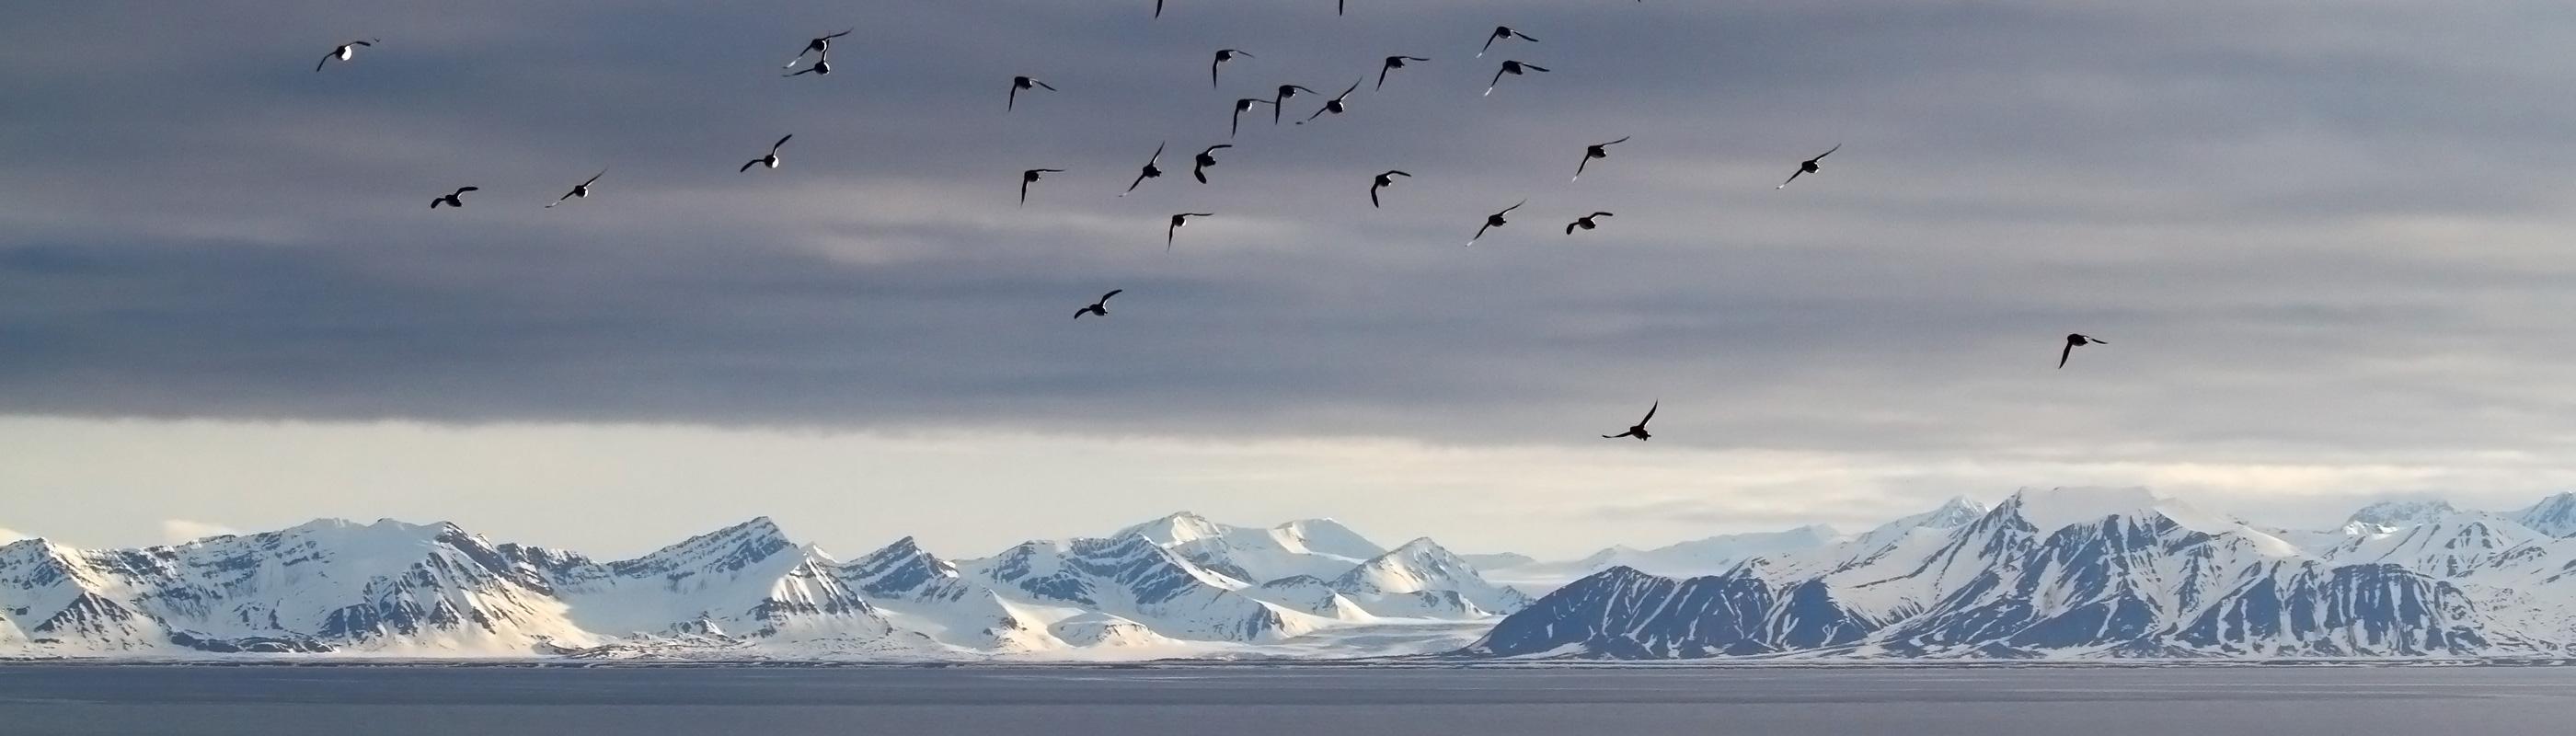 Spitsbergen-homeslider